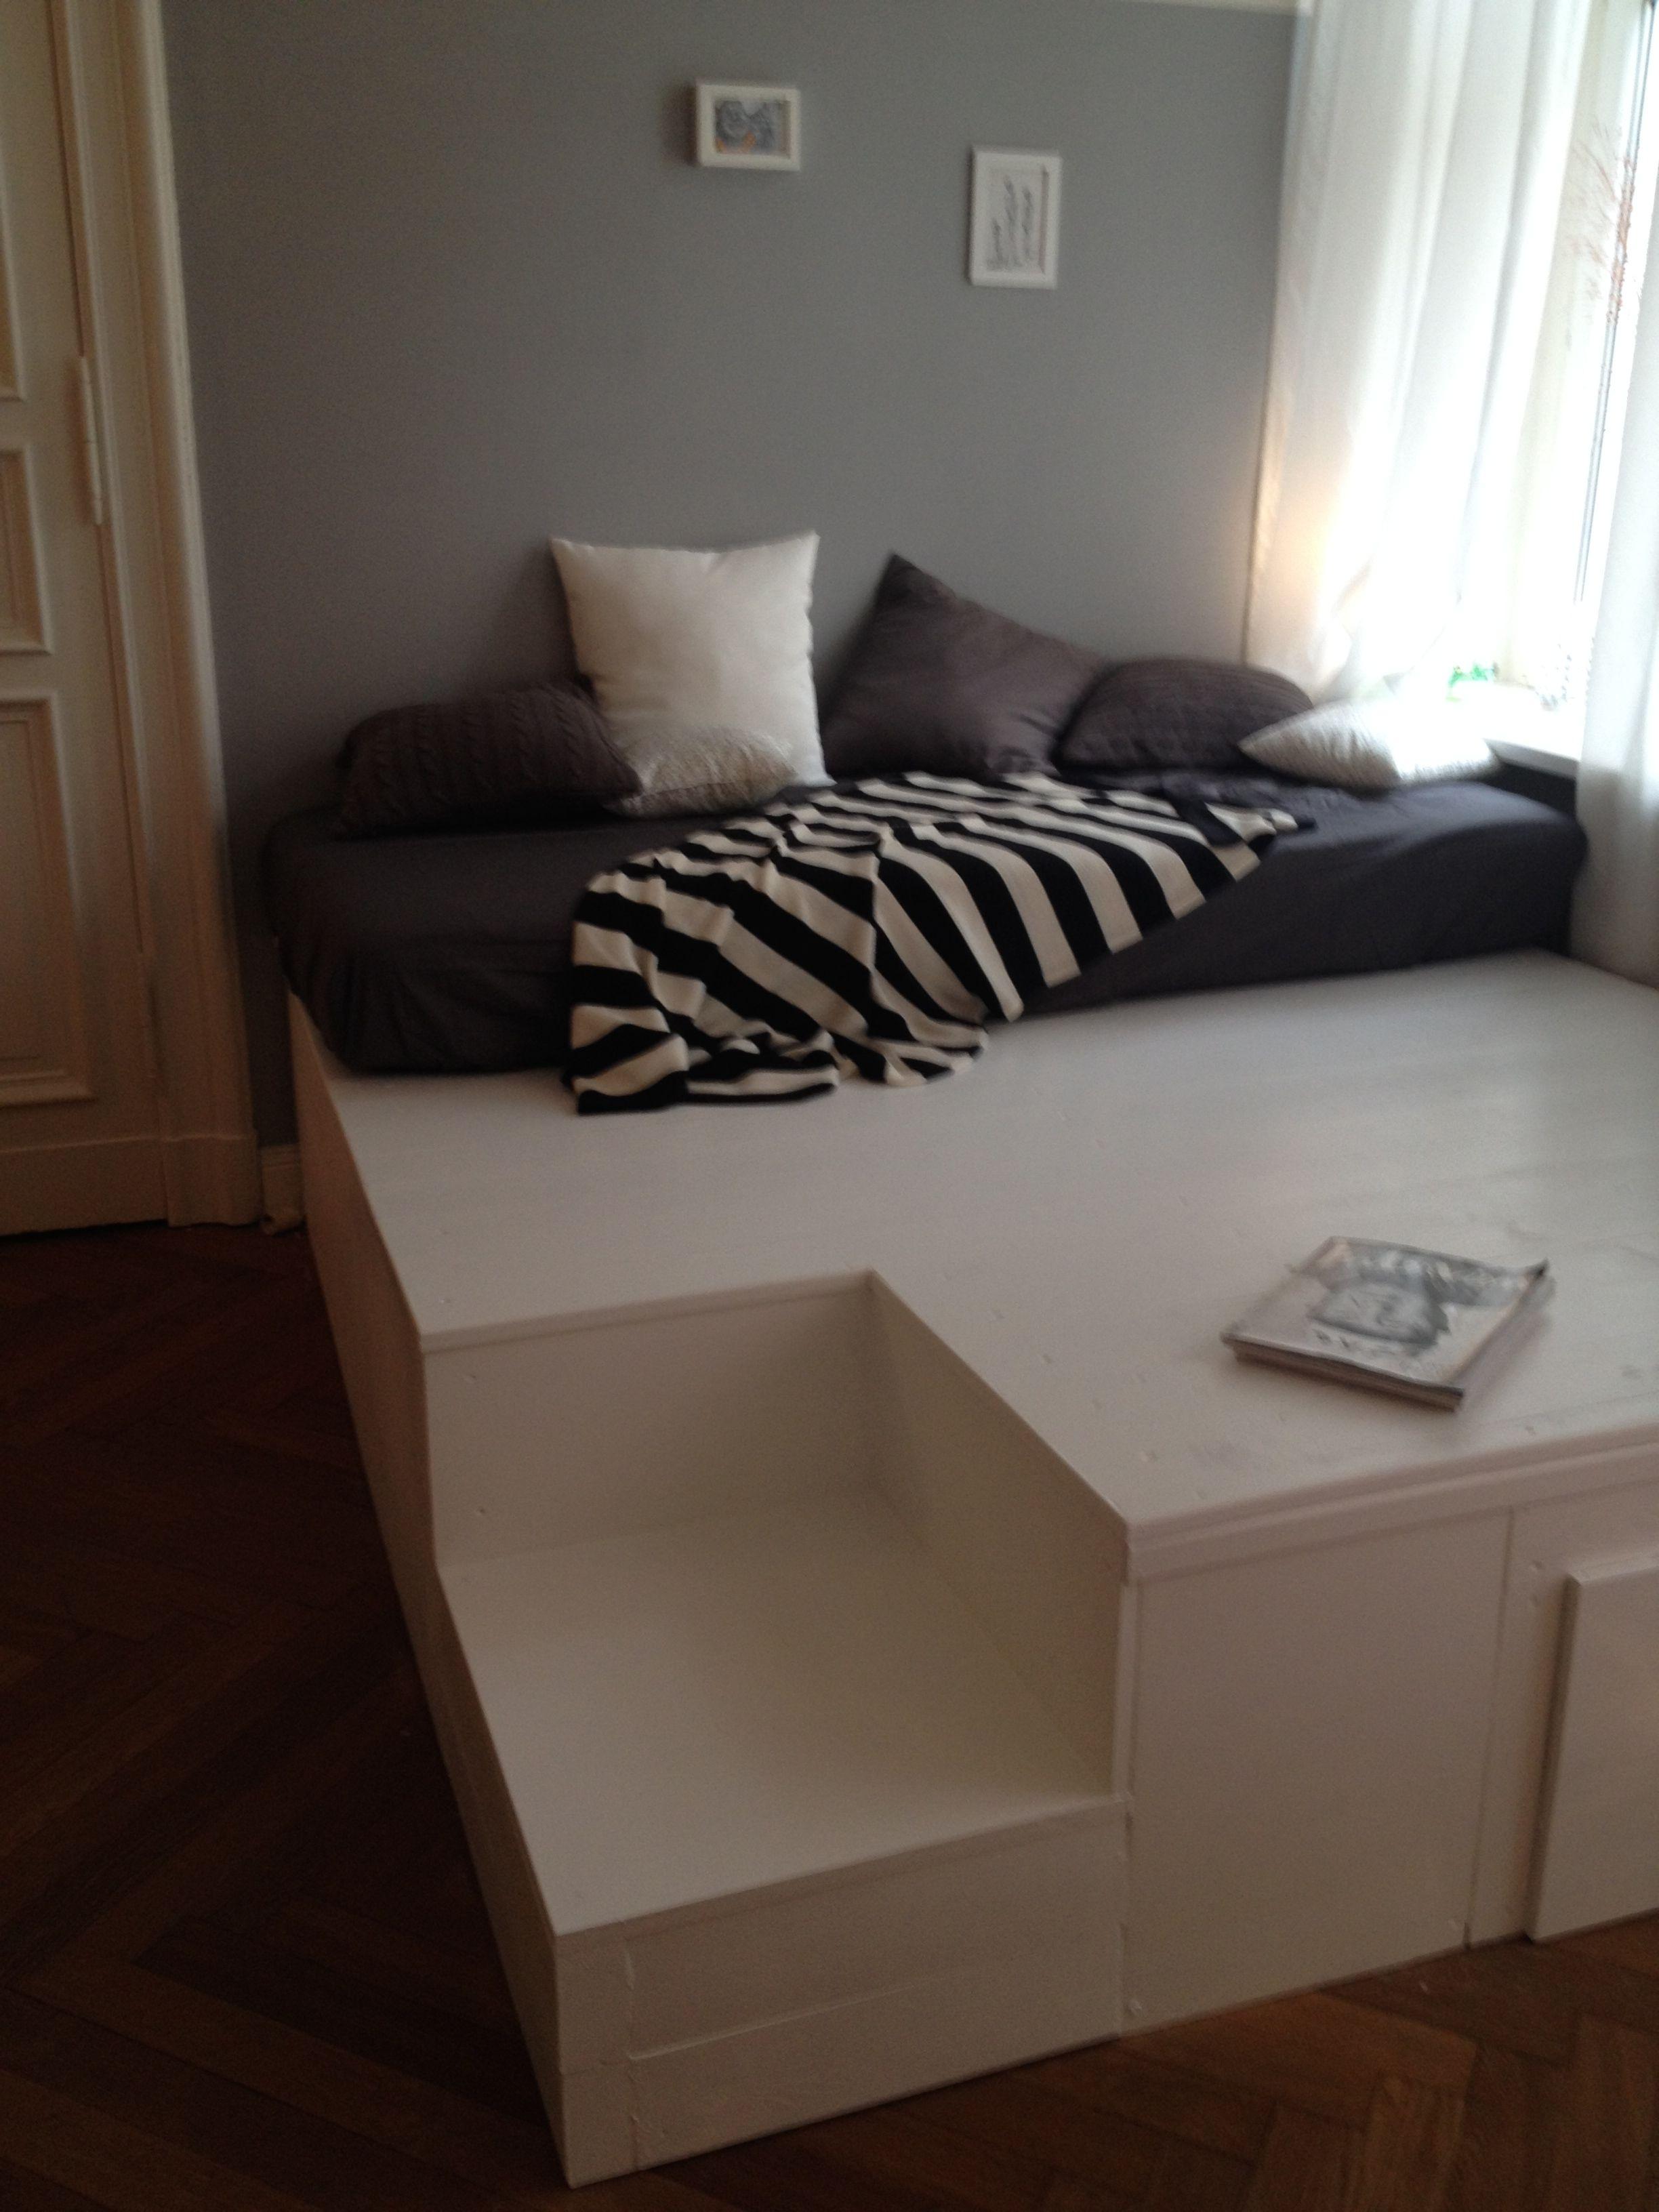 DIY Podest  Podest  Bett Podestbett und Schlafzimmer